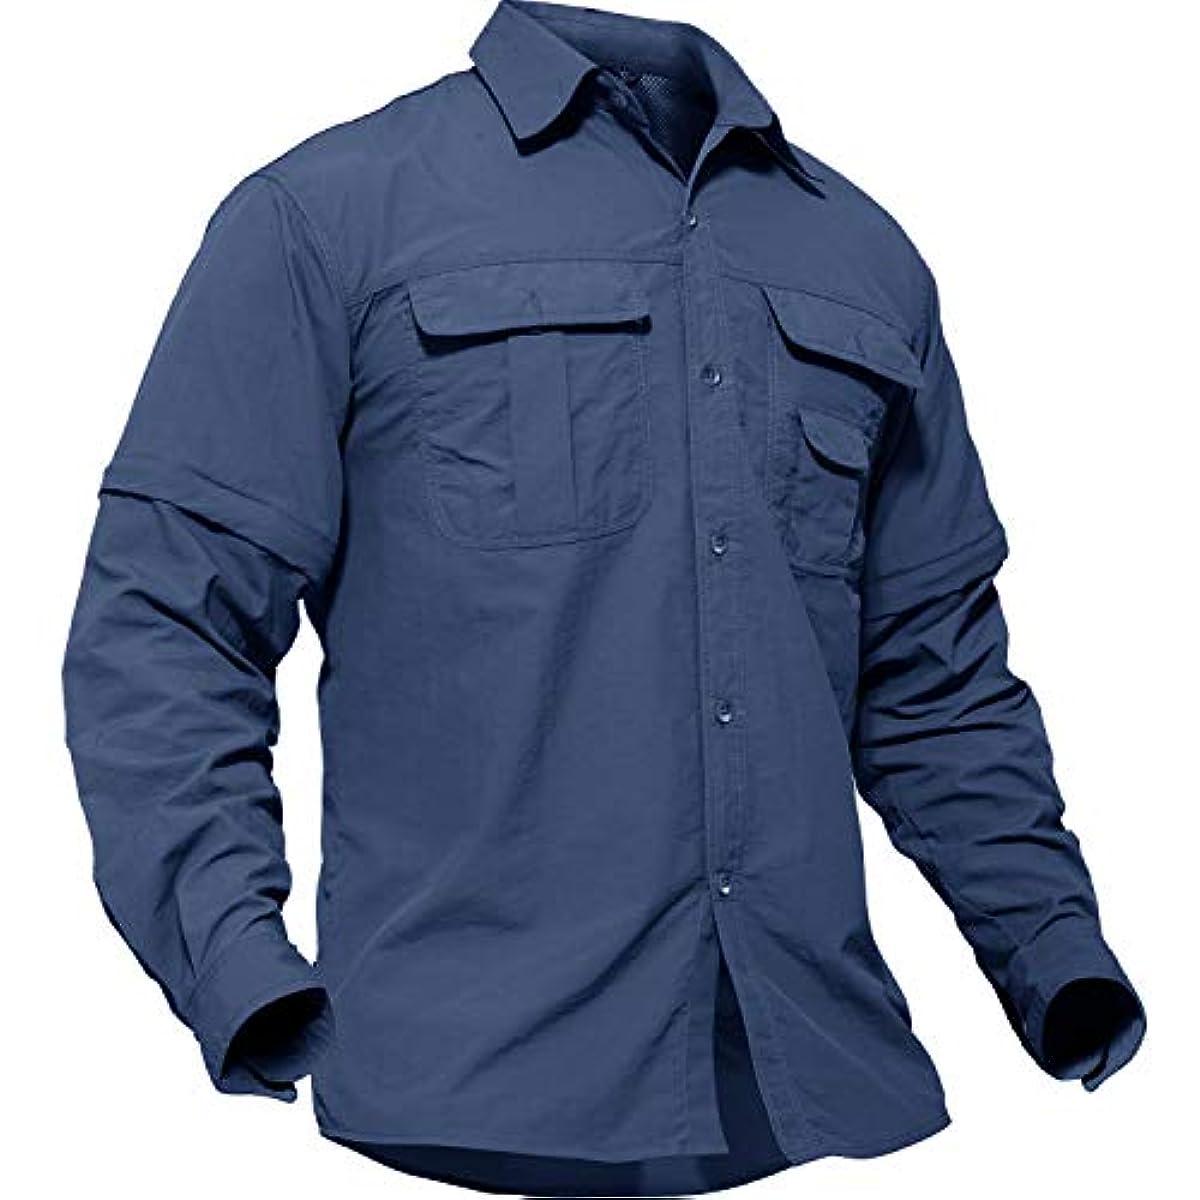 [해외] TACVASEN 아웃도어 맨즈 셔츠 긴 소매 밀리터리 택티컬 BDU T셔츠 등산속 건분리 가능 반소매